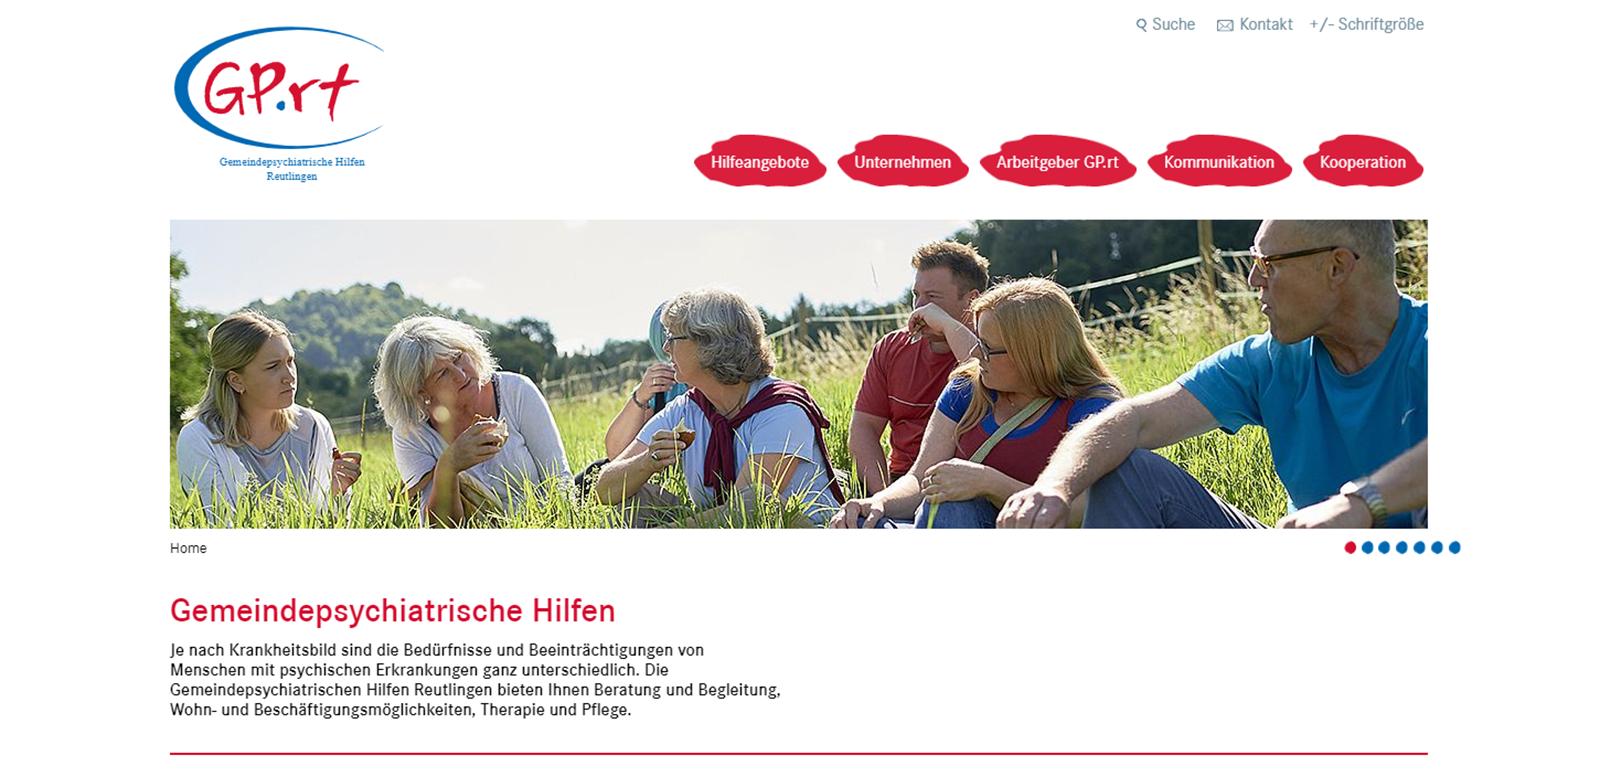 Gemeindepsychiatrische Hilfen Reutlingen Home